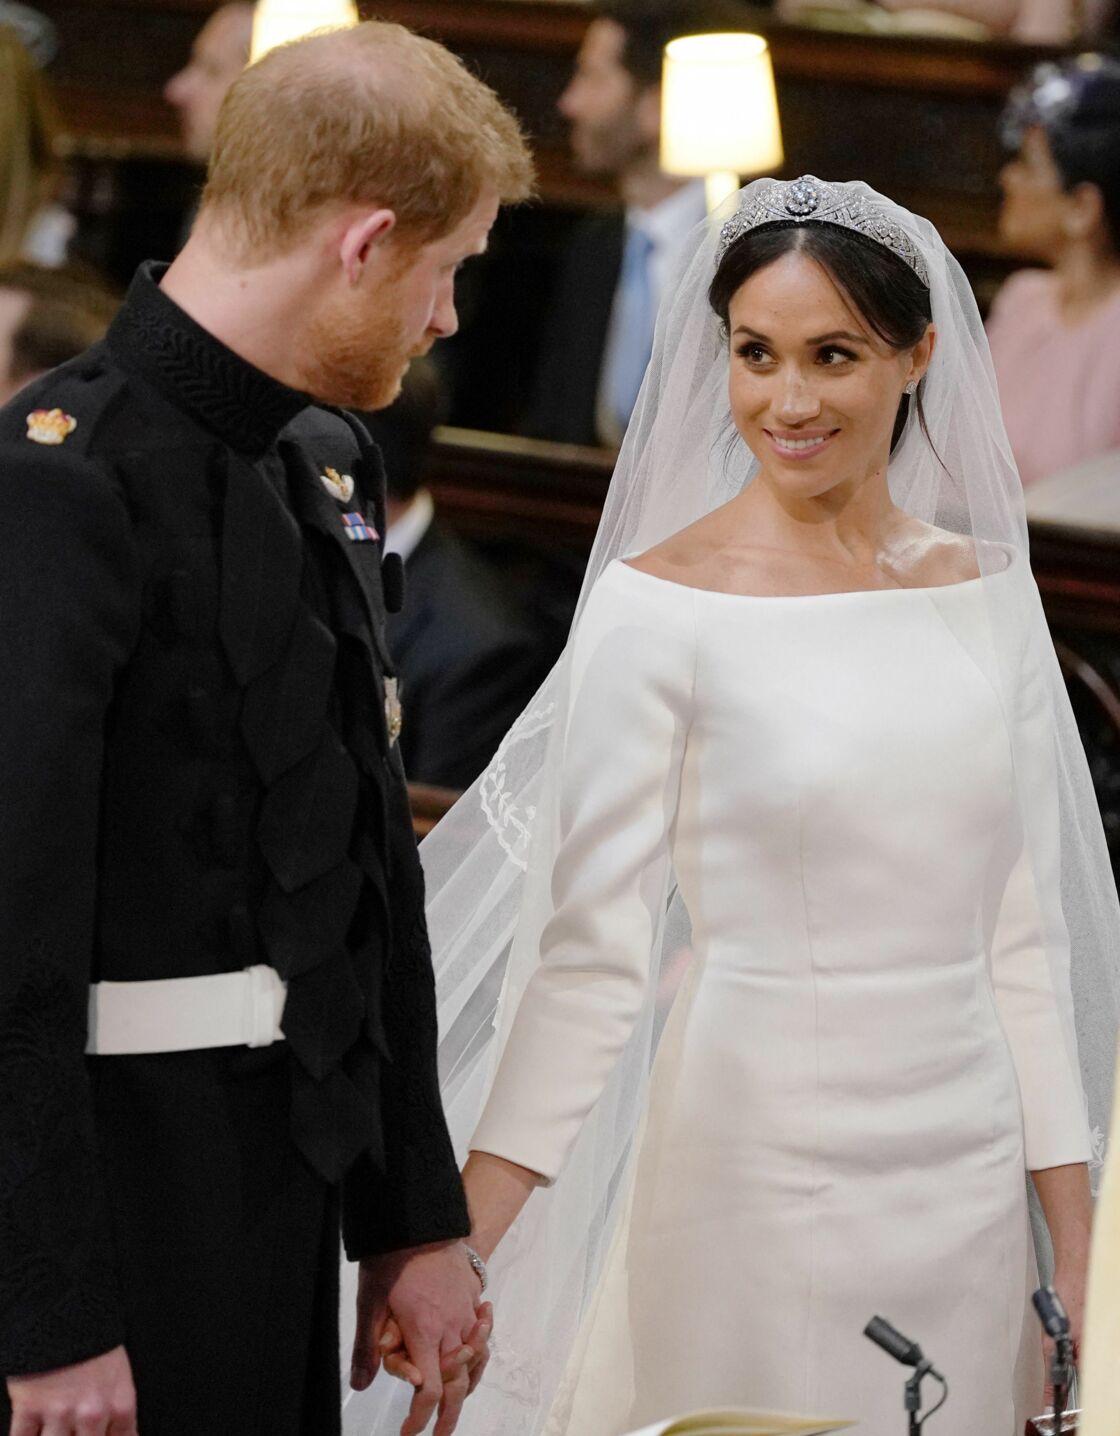 Angela Kelly finira par céder et proposera à Meghan Markle cinq tiares différentes pour son mariage. Son choix se portera sur un magnifique bandeau de diamants de la reine Mary créé en 1932